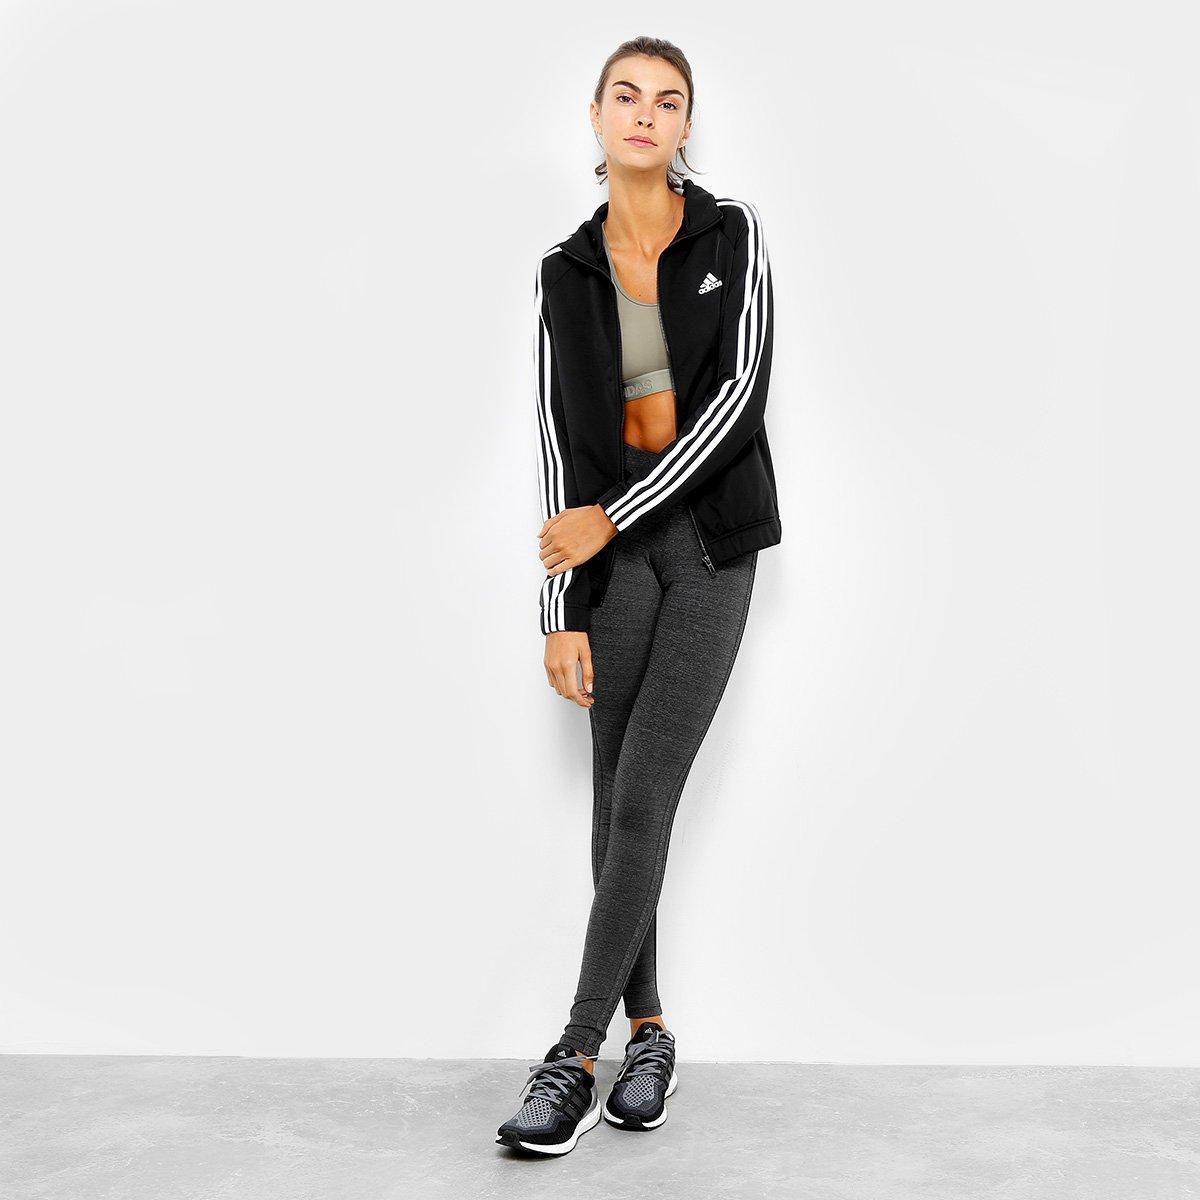 Jaqueta Adidas D2M Tracktop Feminina - Compre Agora  63dfd3d727d1f